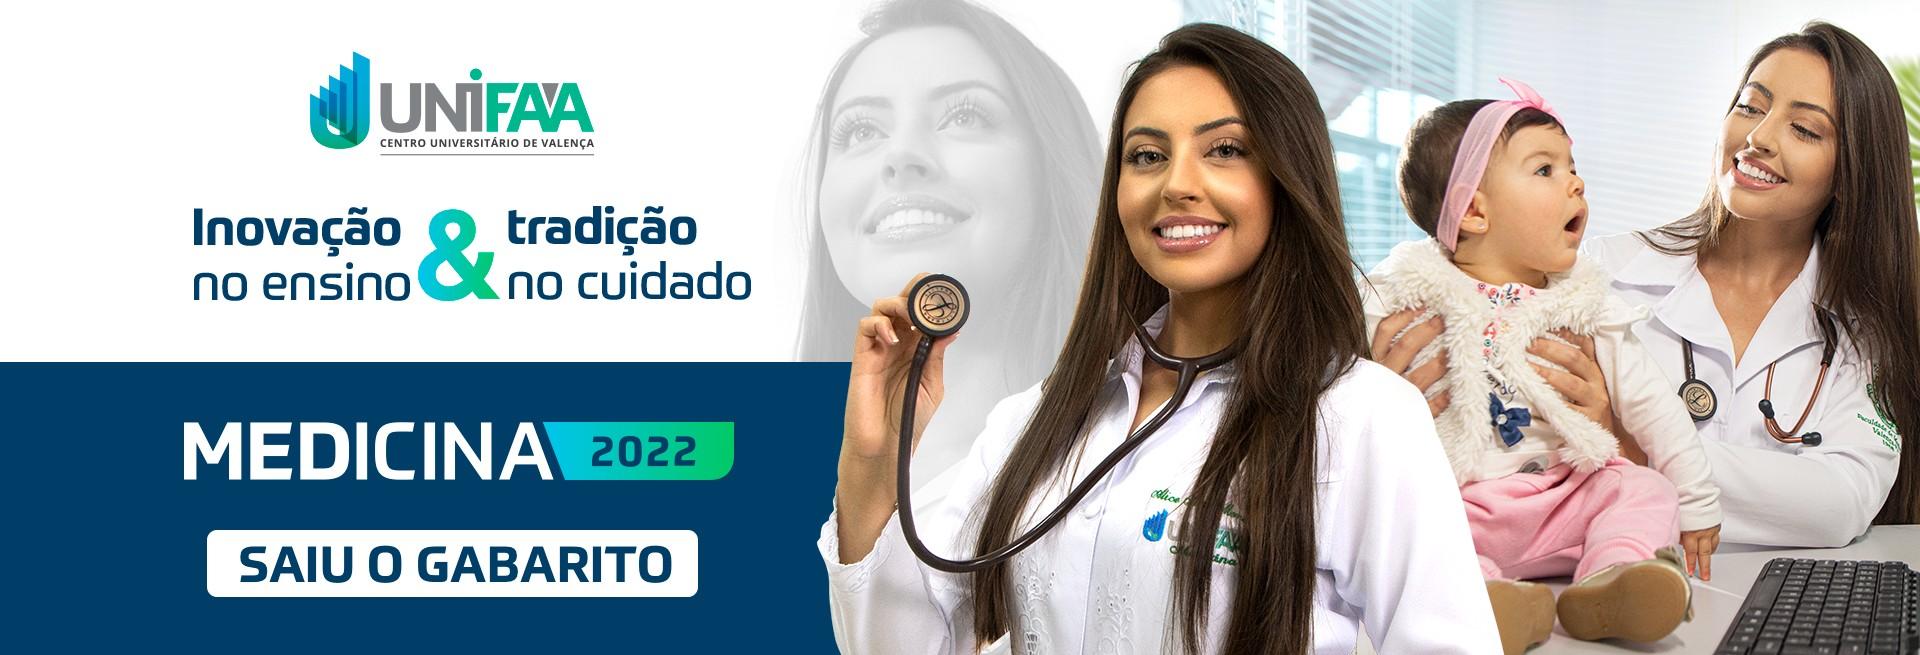 Gabarito - Medicina 2022